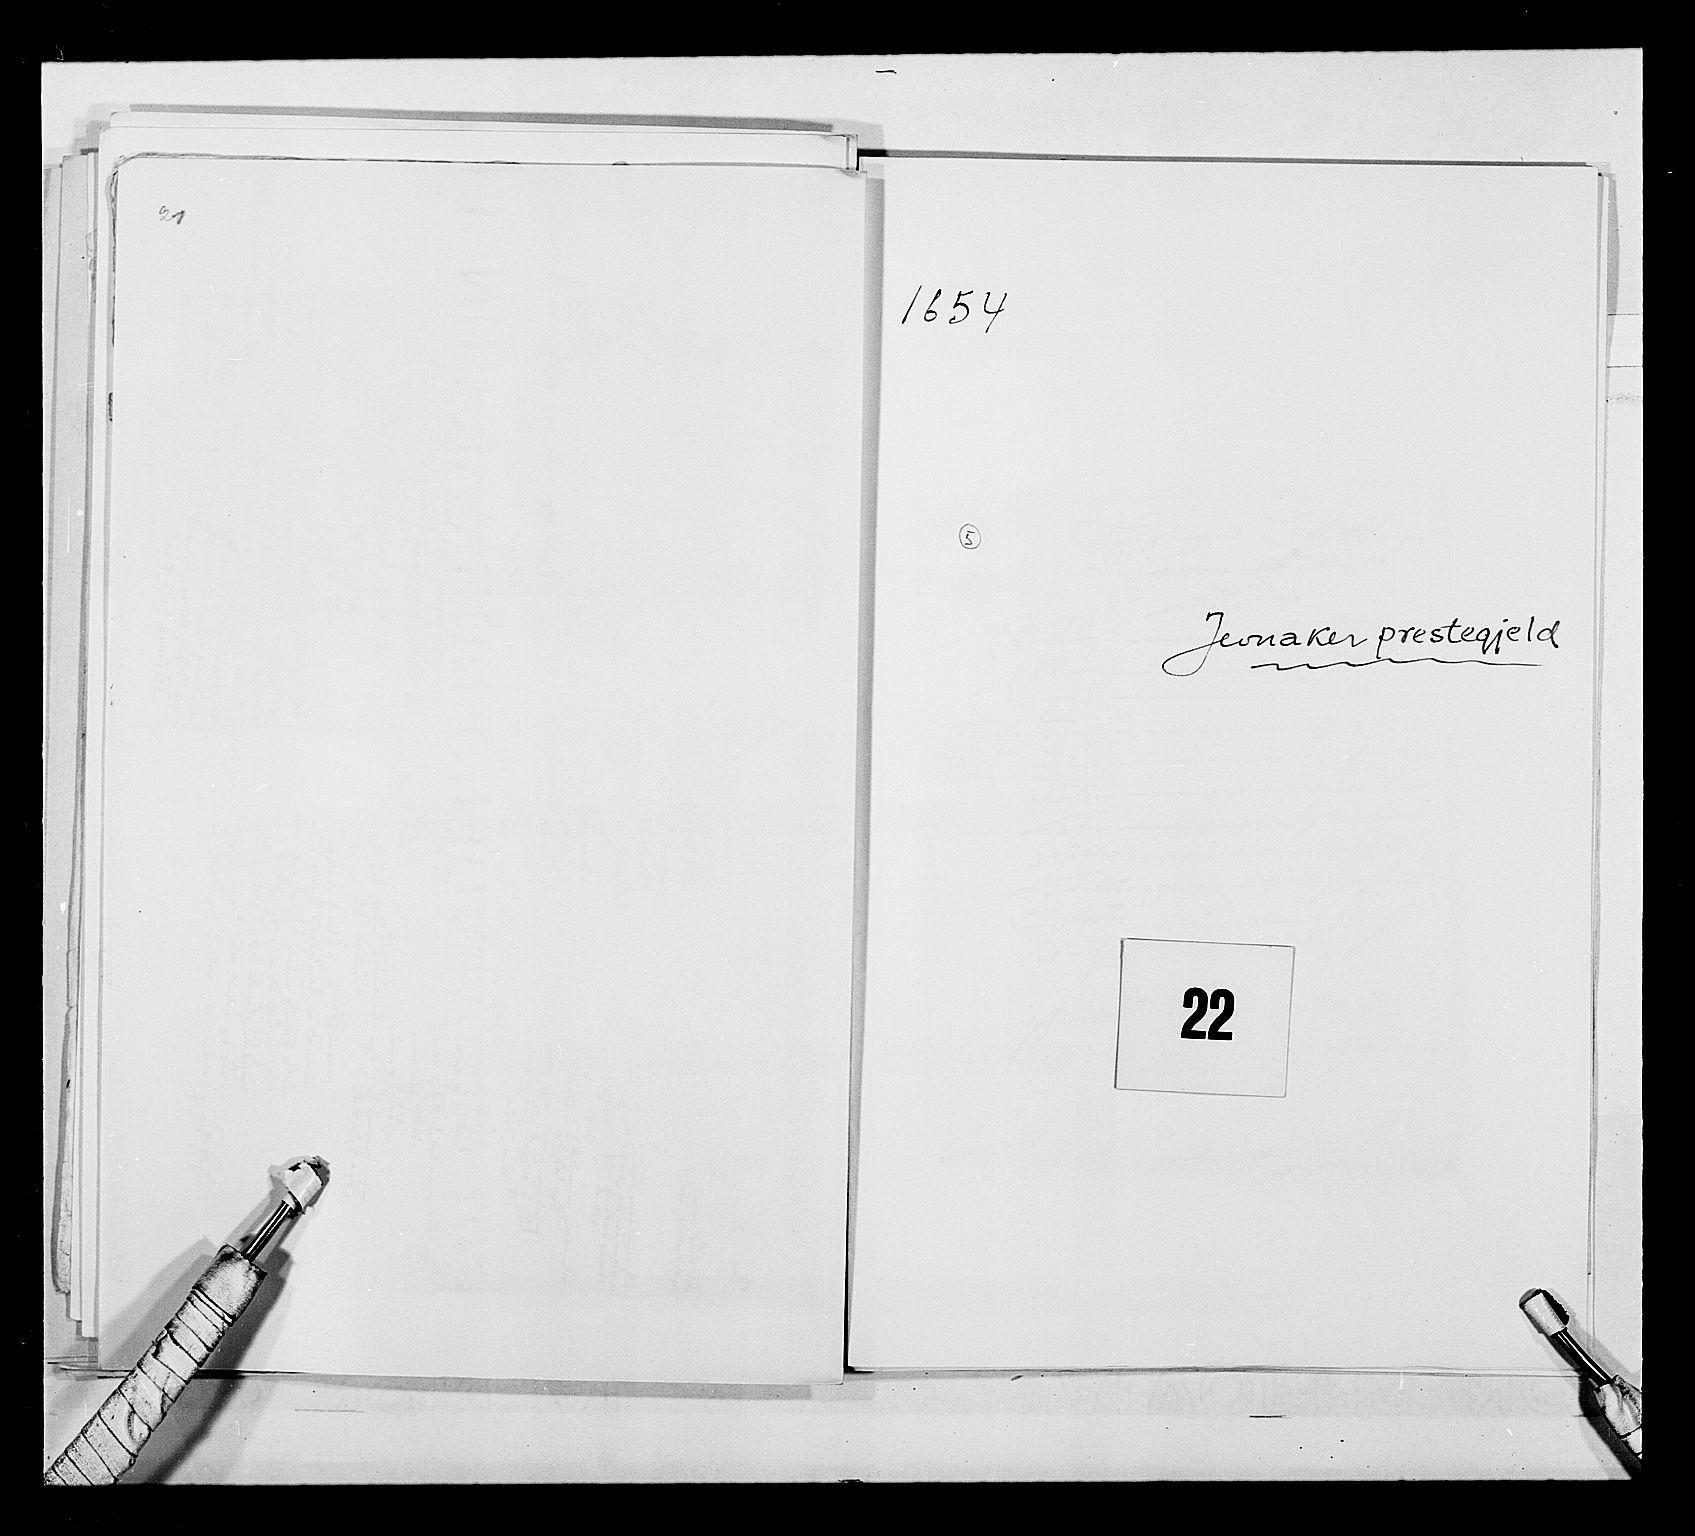 RA, Stattholderembetet 1572-1771, Ek/L0030: Jordebøker 1633-1658:, 1654, s. 89